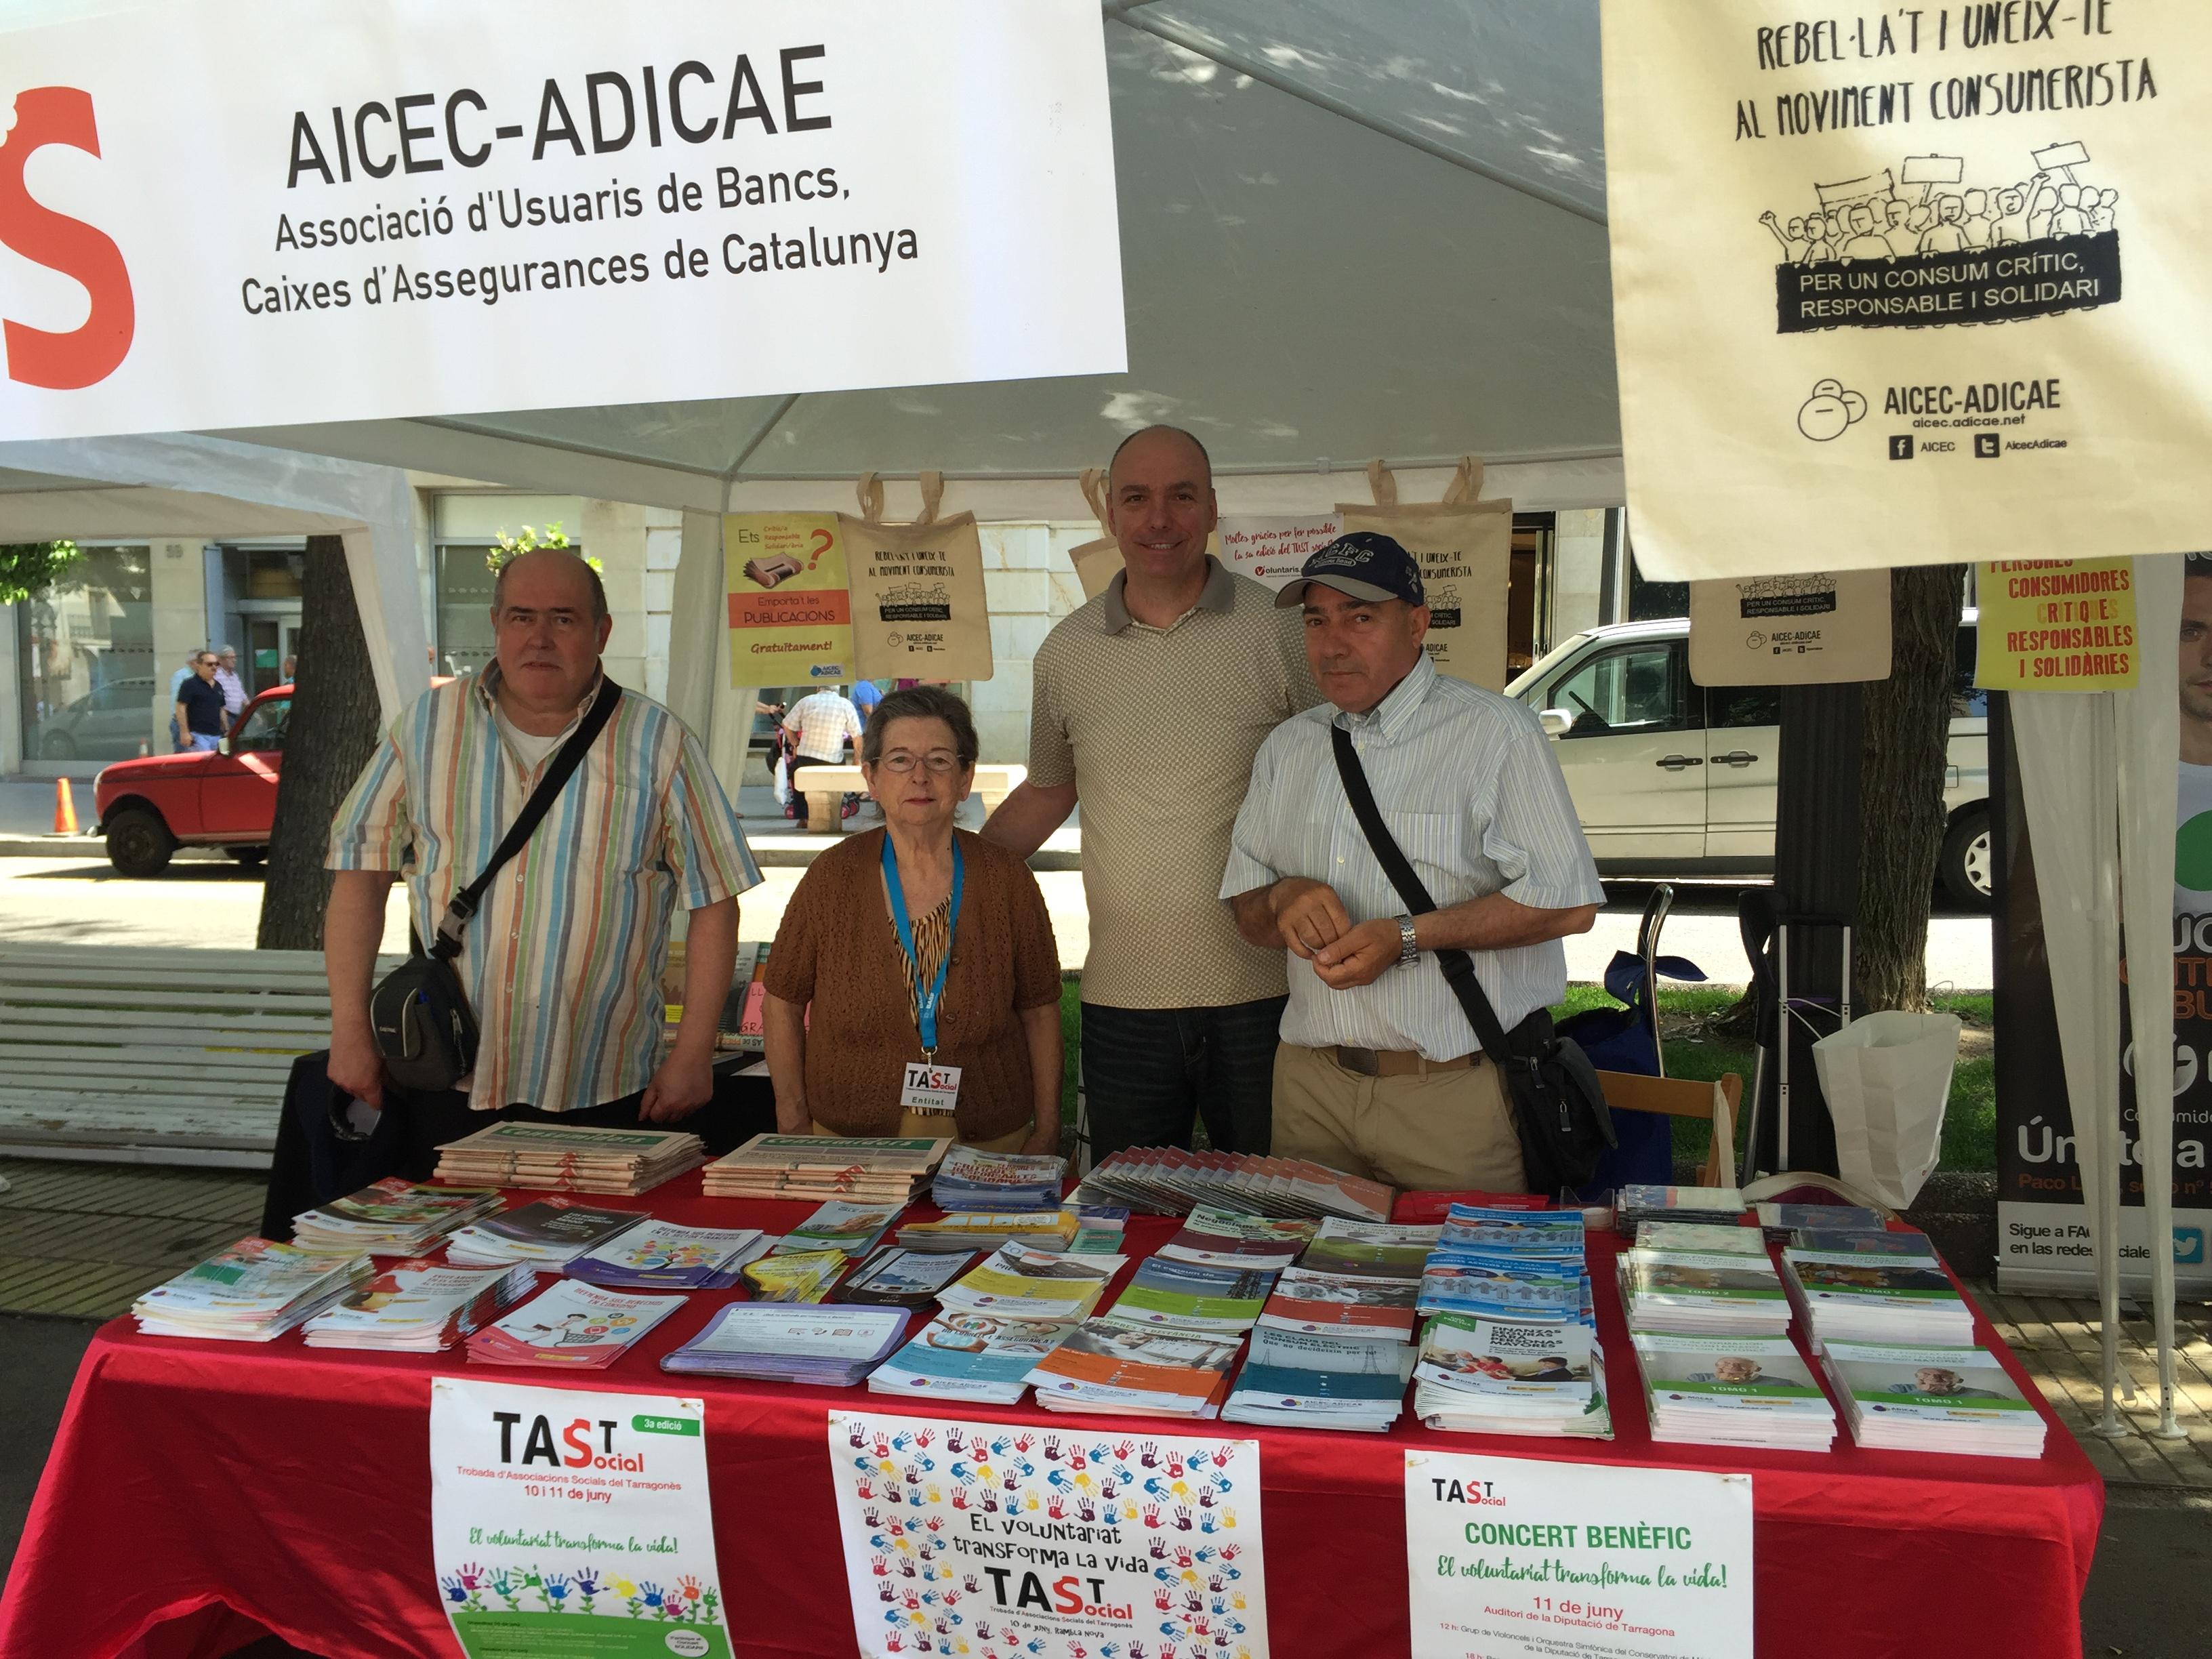 TAST Social - Tarragona